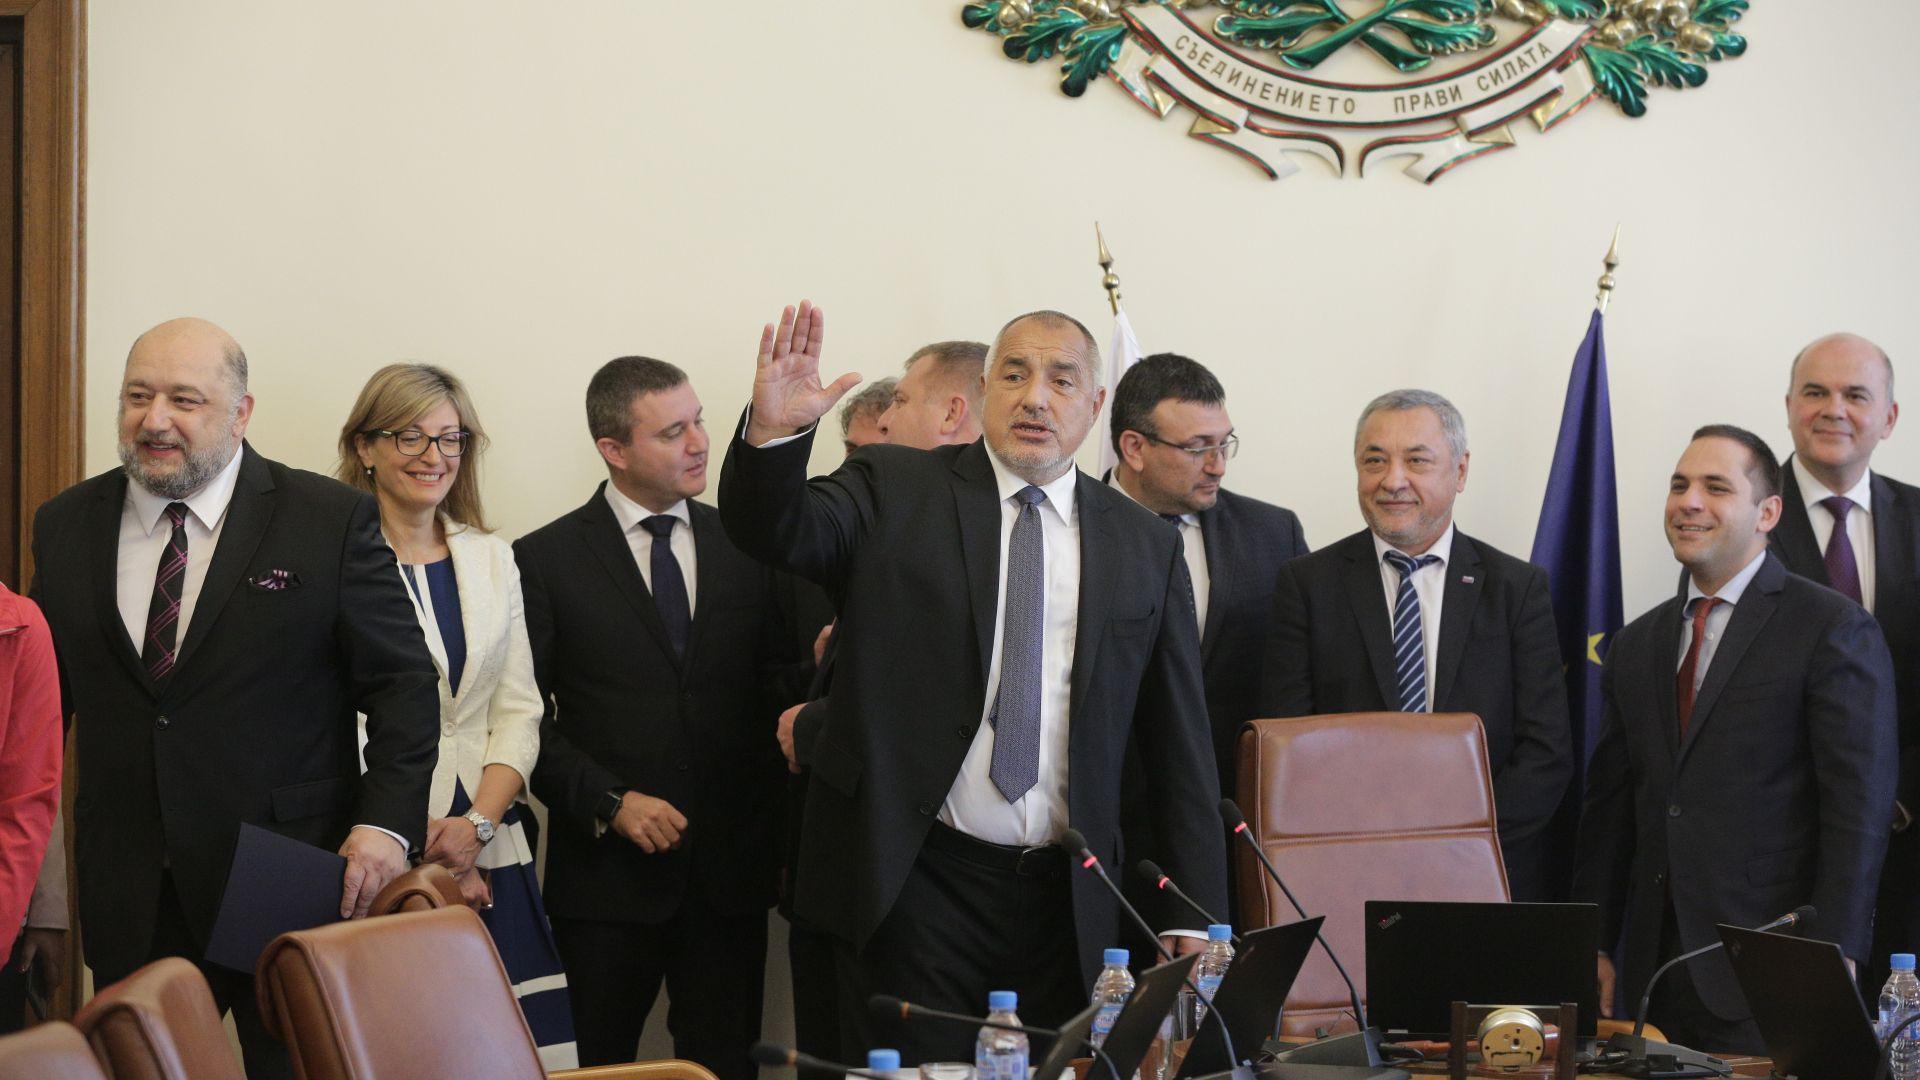 Кабинетът одобри инфраструктурни проекти на общини